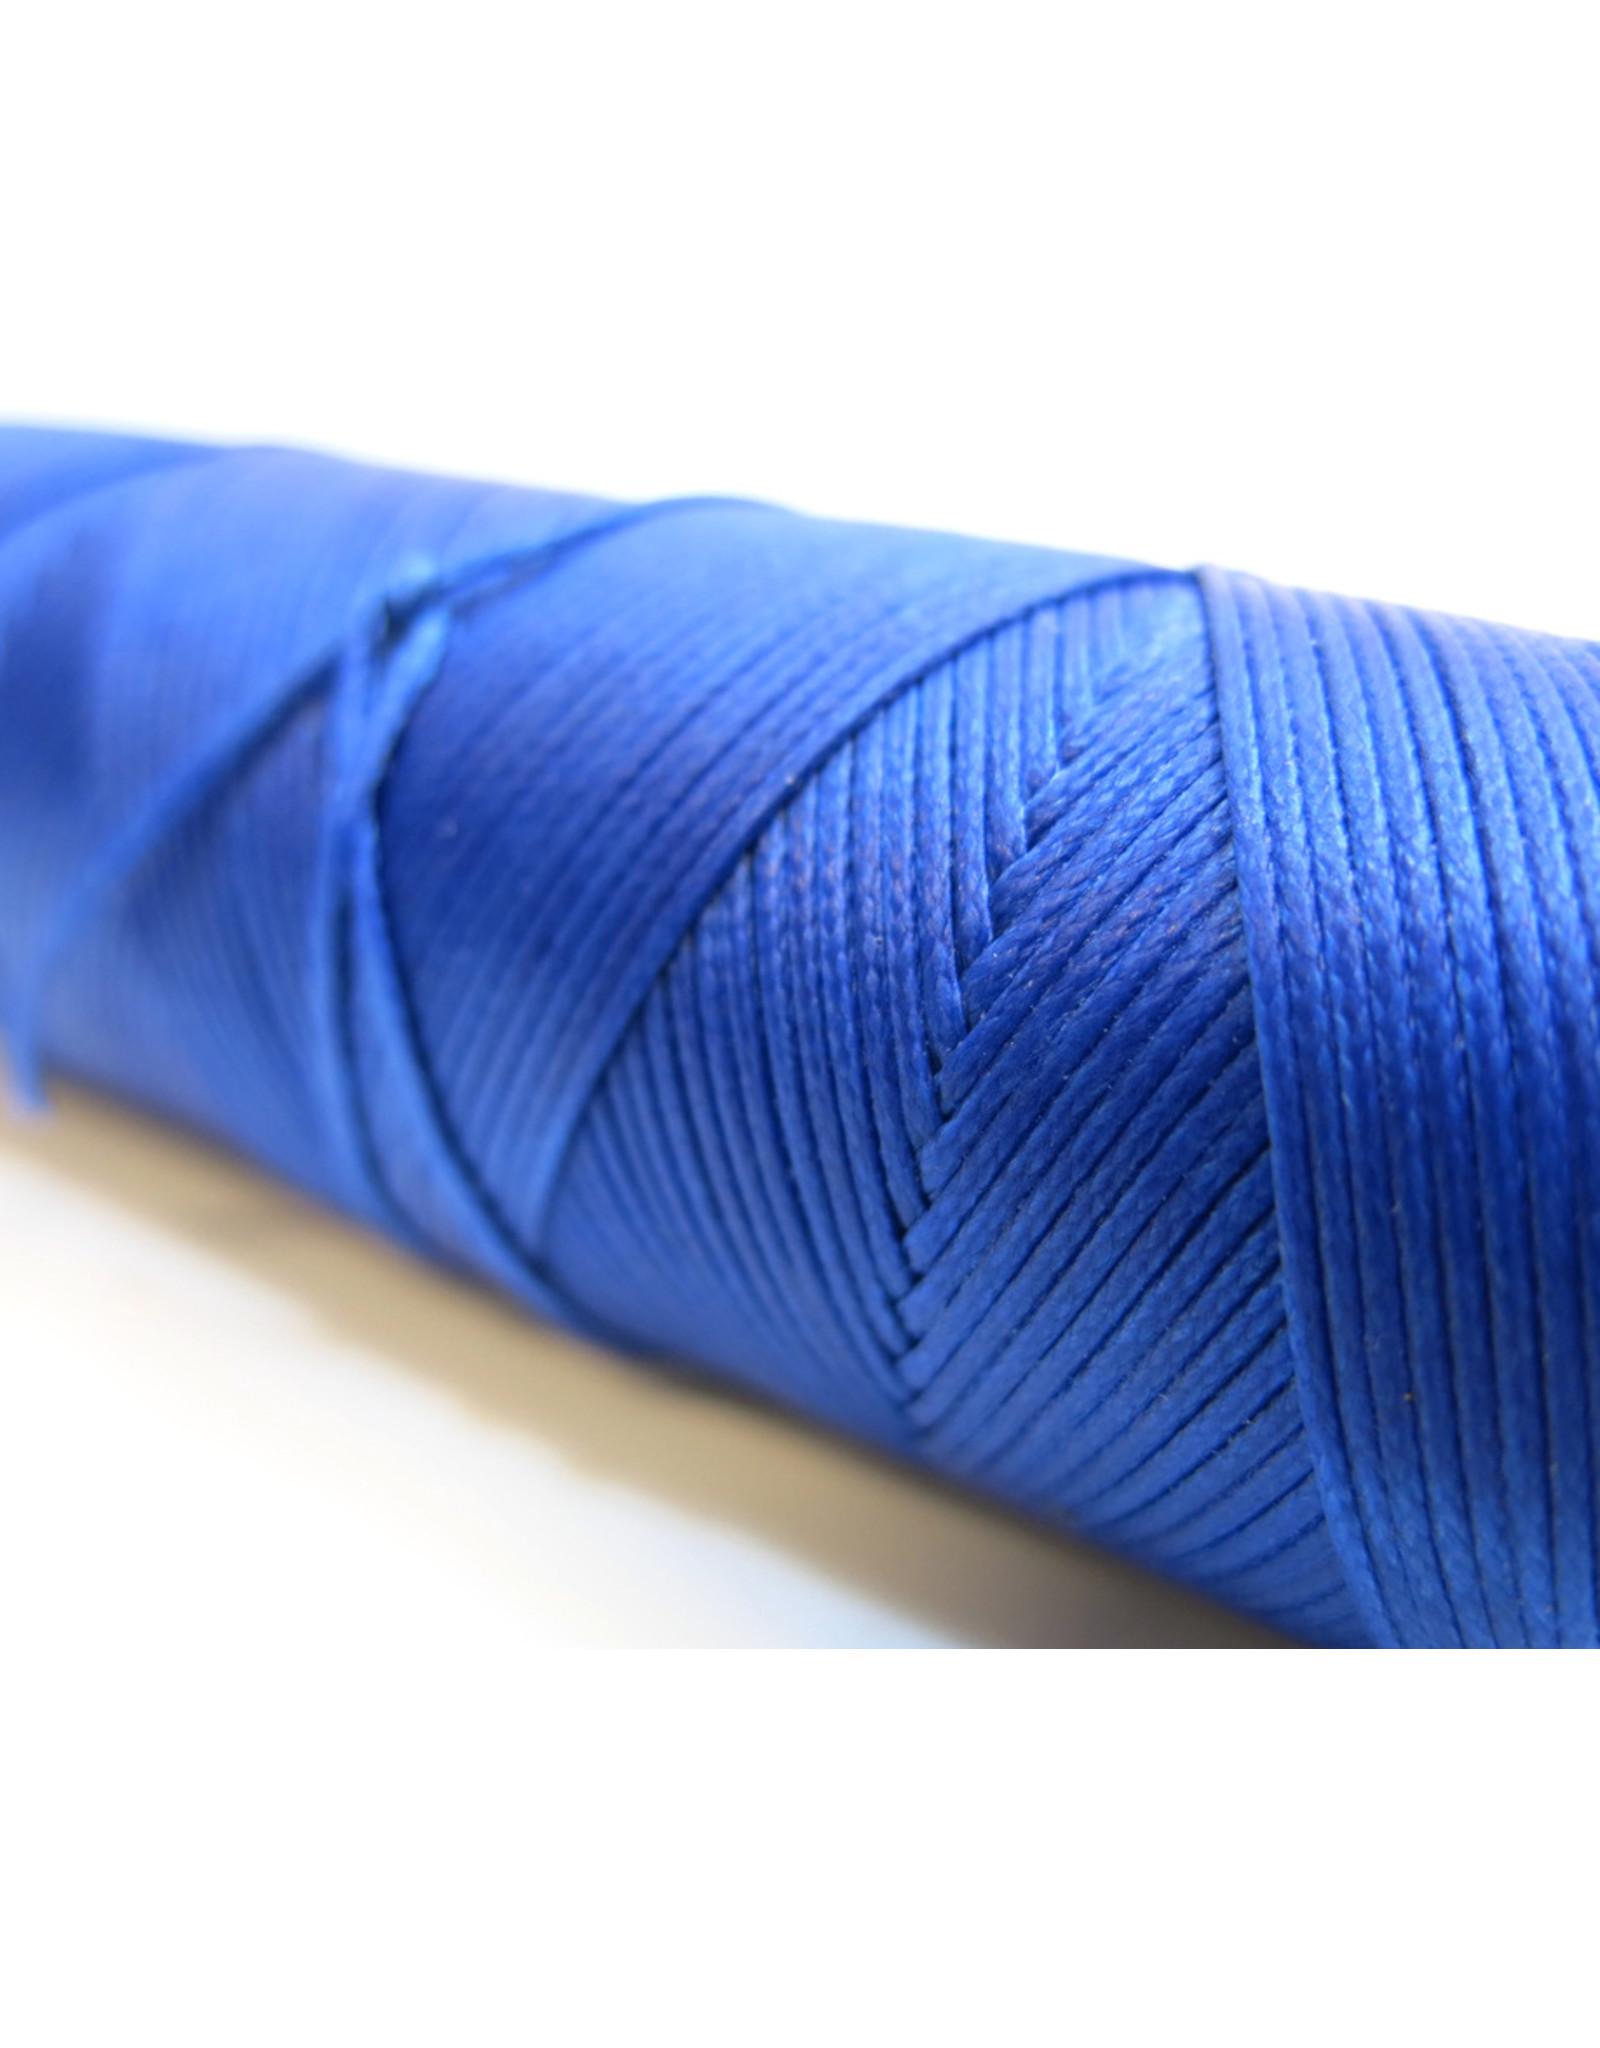 Gewaxt handnaaigaren koningsblauw